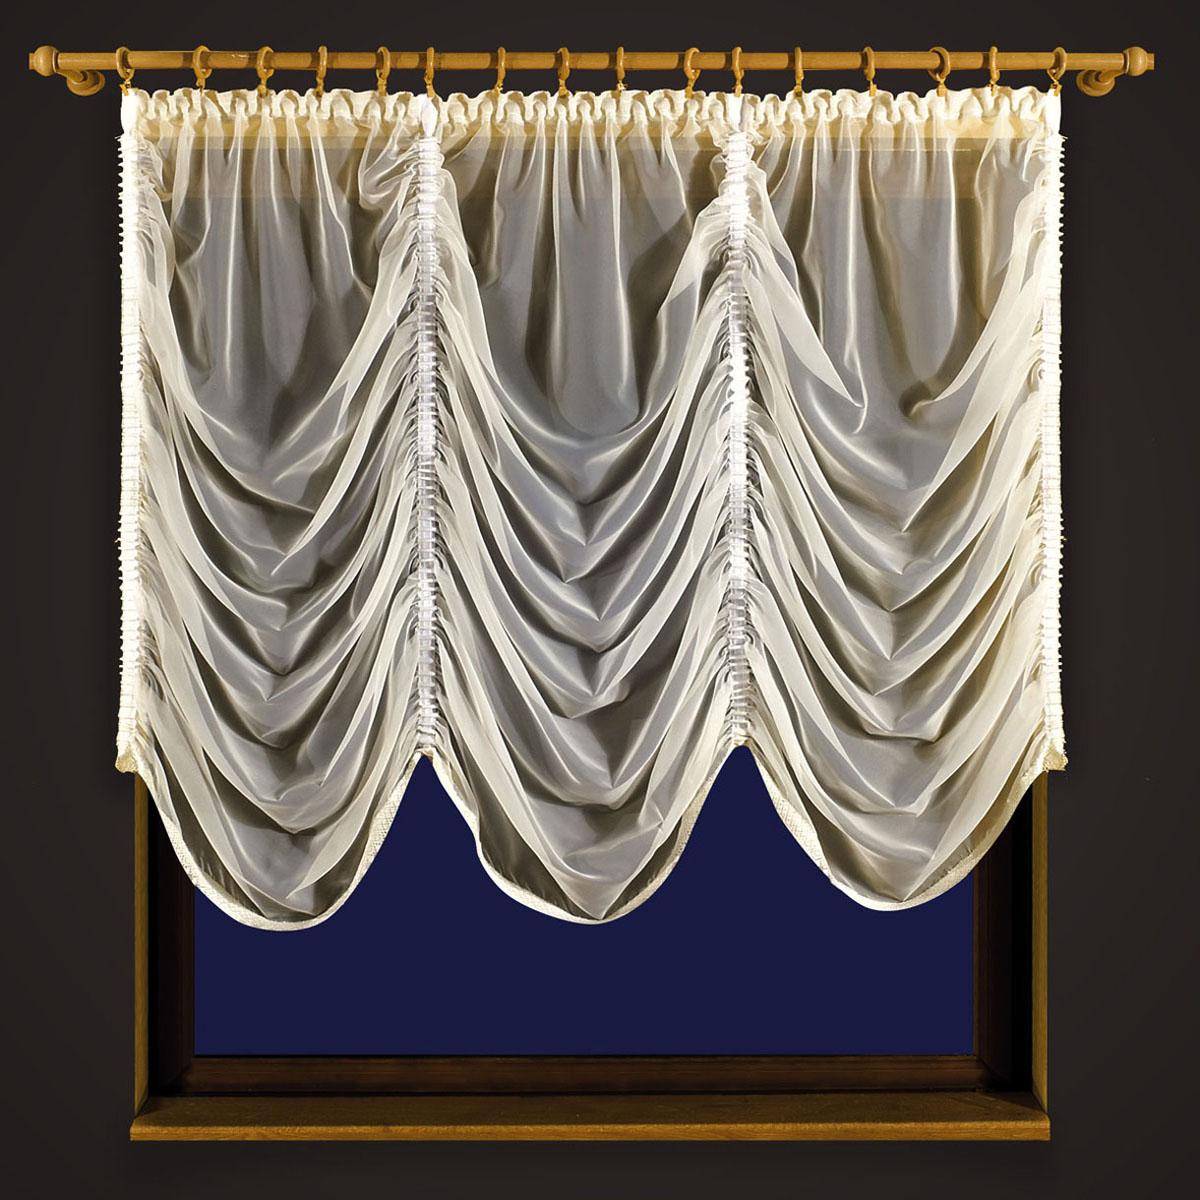 Гардина Zlata Korunka, цвет: кремовый, ширина 250 см, высота 250 см55608 кремовыйГардина из вуали выполнена по типу французской шторы.Вдоль полотна прошиты четыре туннеля,по которым собирается гардина до нужных размеров хозяйки .Размер несобранного полотна 250*250 Размеры: ширина 250* высота 250